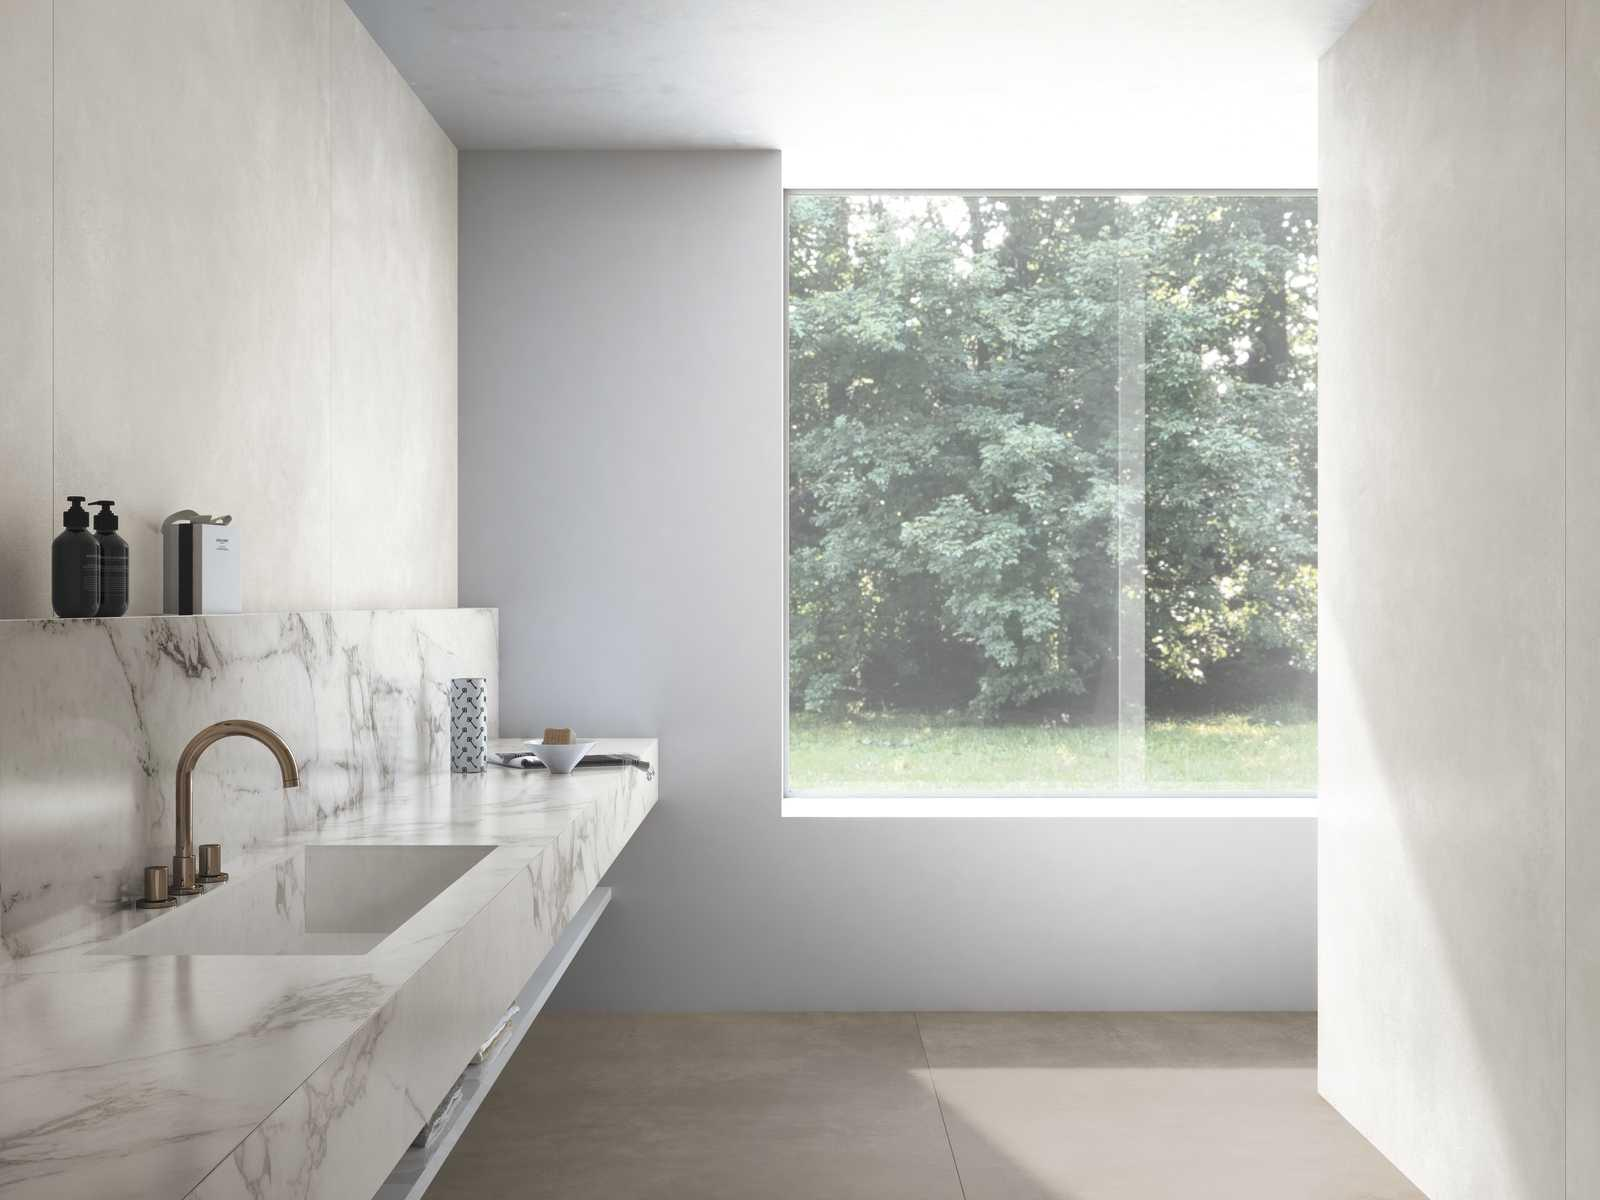 Piastrelle Esagonali Per Bagno : Mattonelle per bagno ceramica e gres porcellanato marazzi